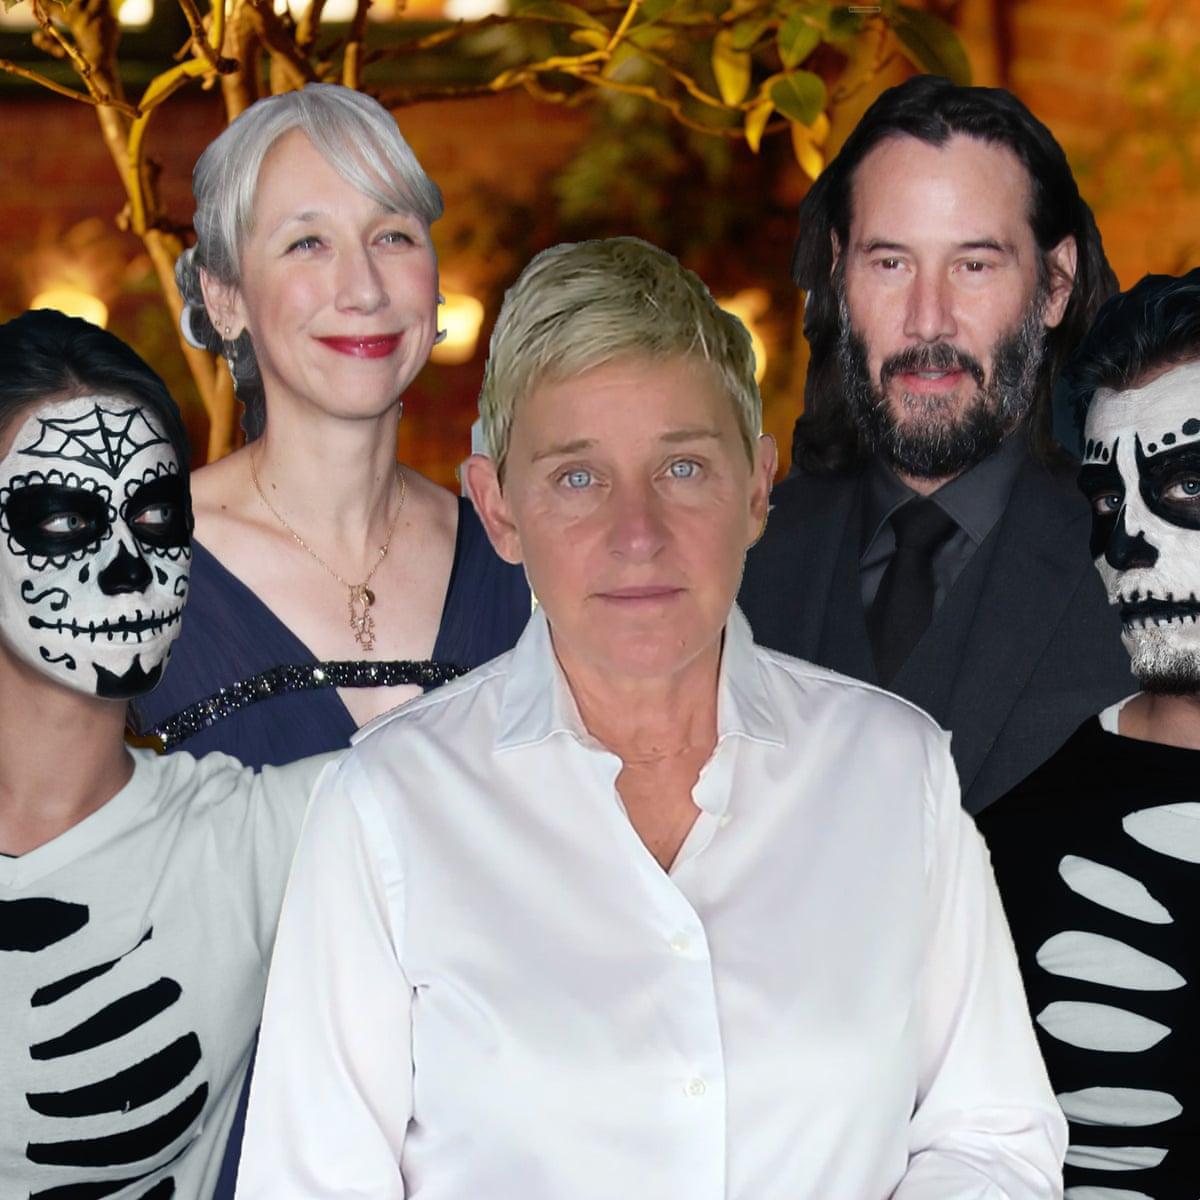 Dressed Up Like Ellen For Halloween 2020 Bad Ellen, Keanu Reeves' girlfriend, skeleton staff: the ultimate